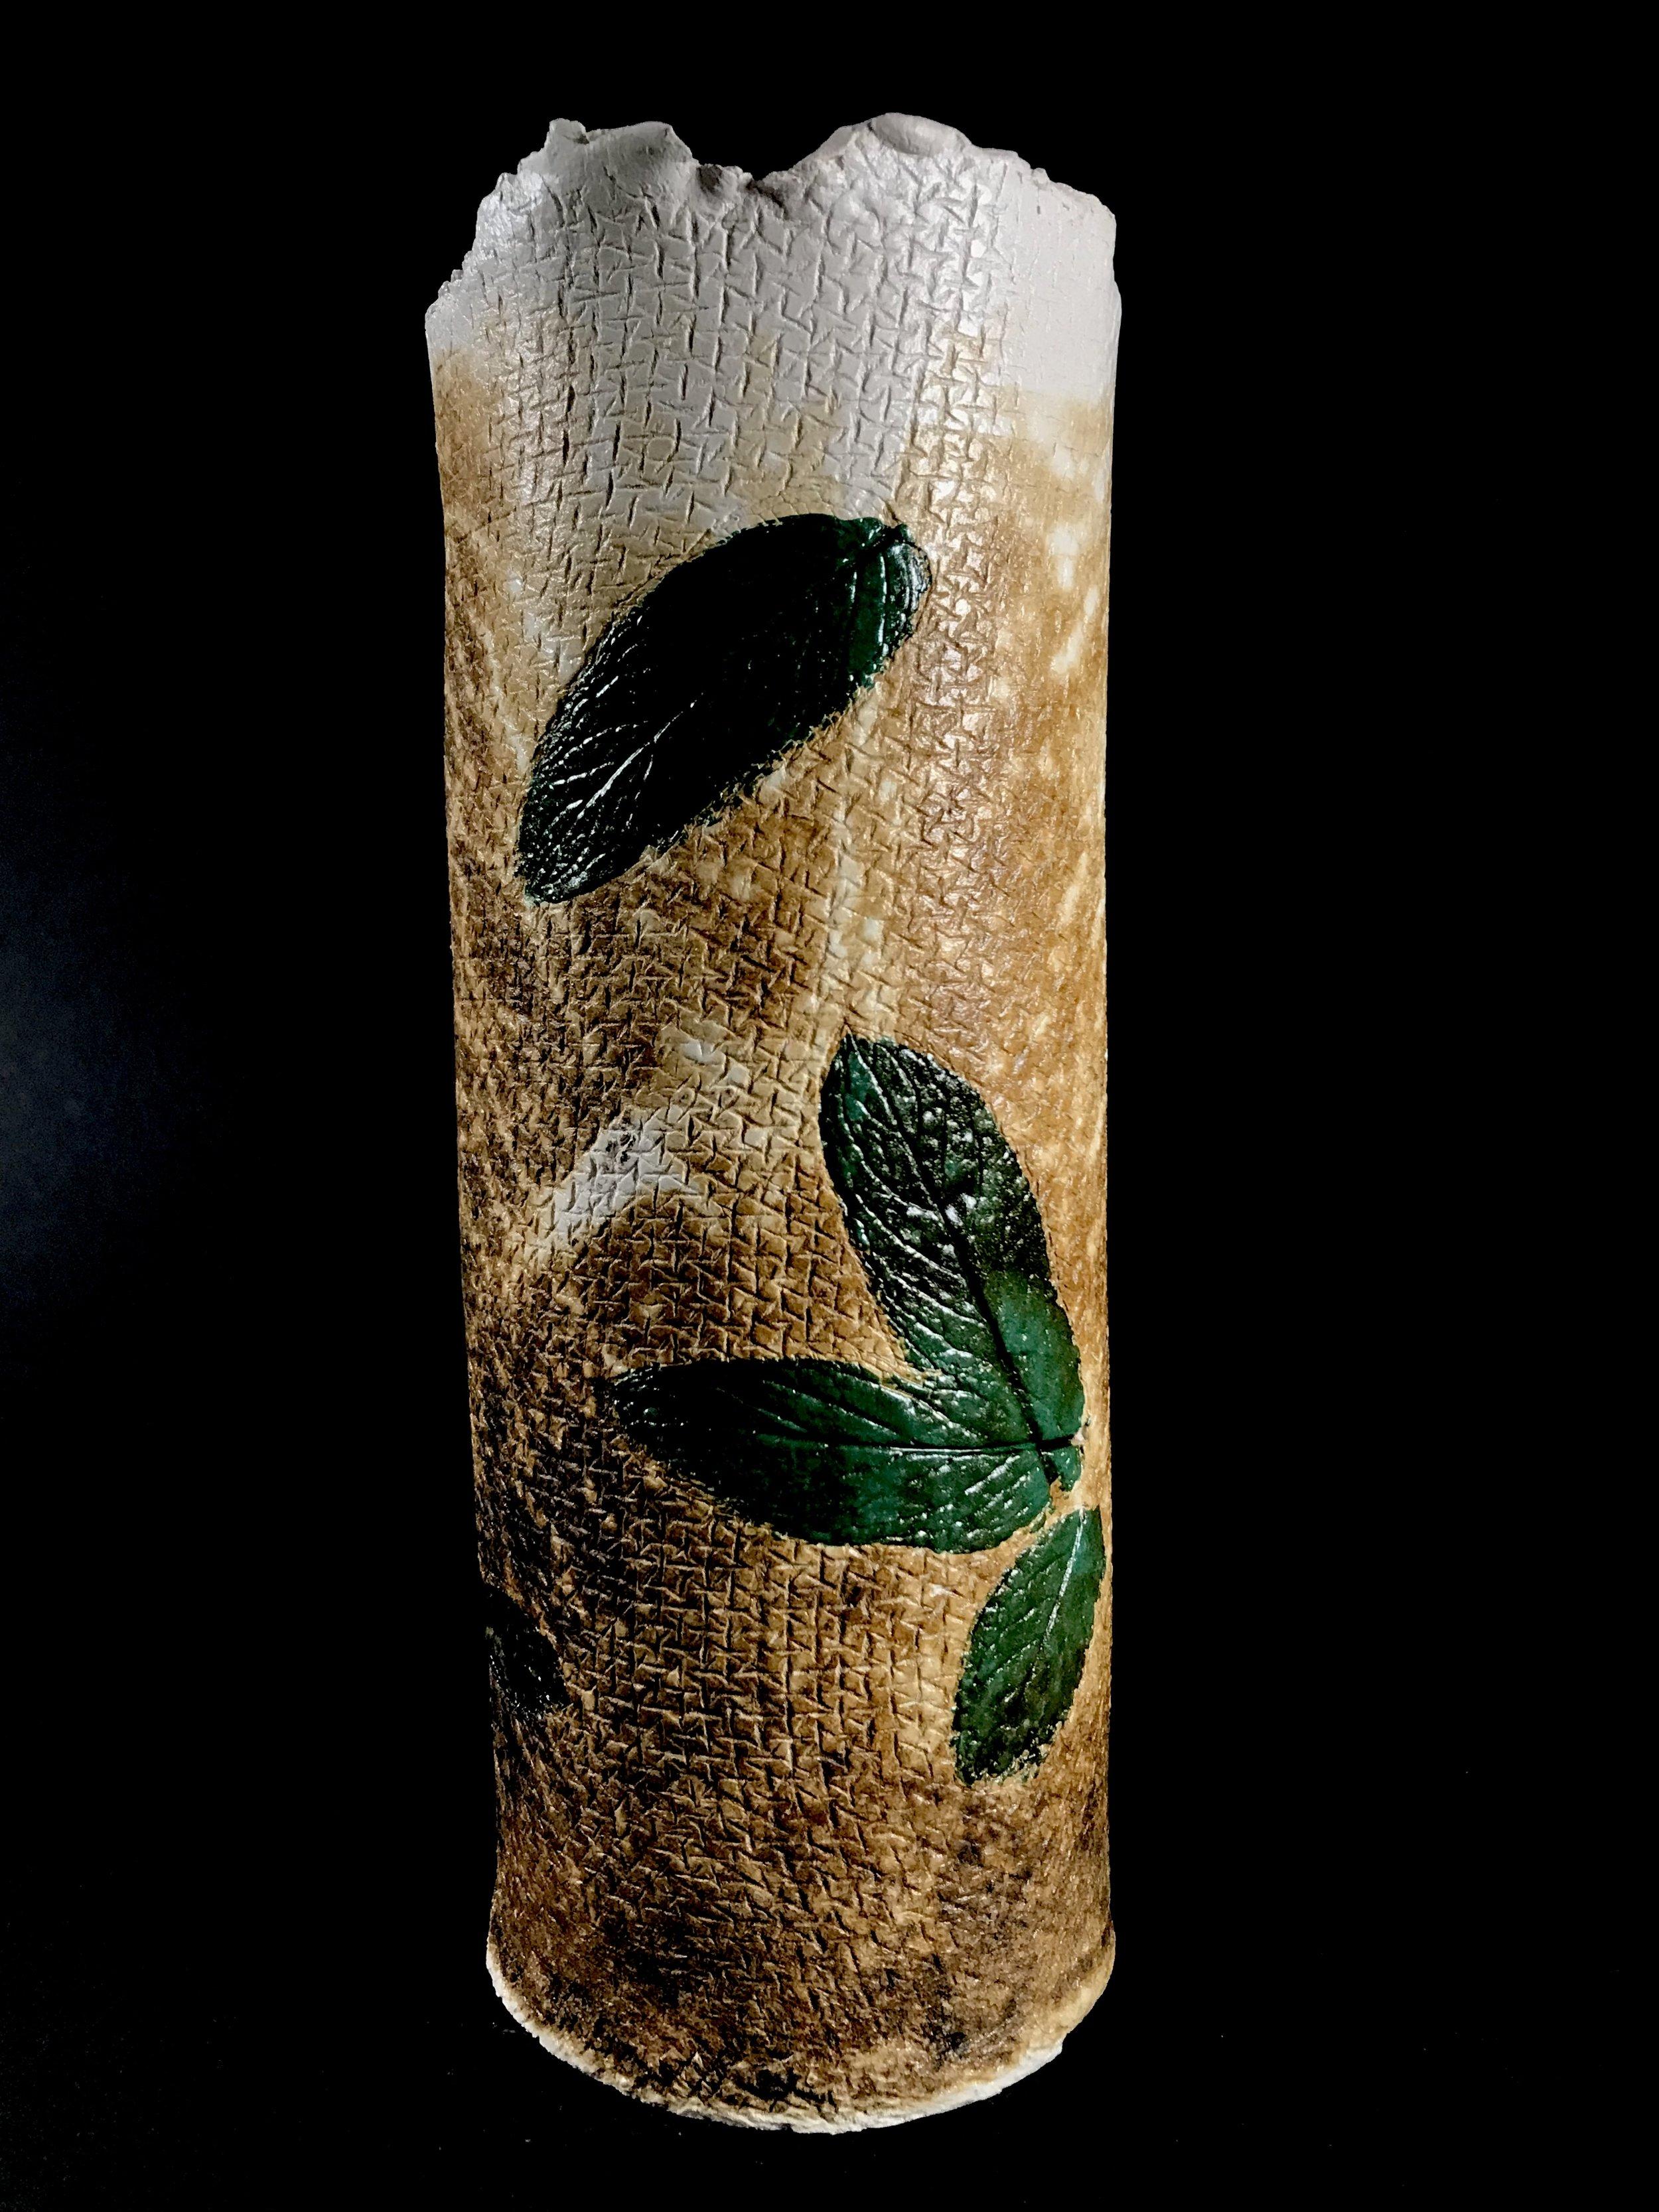 Obvarra Vase With Green Leaf Highlights